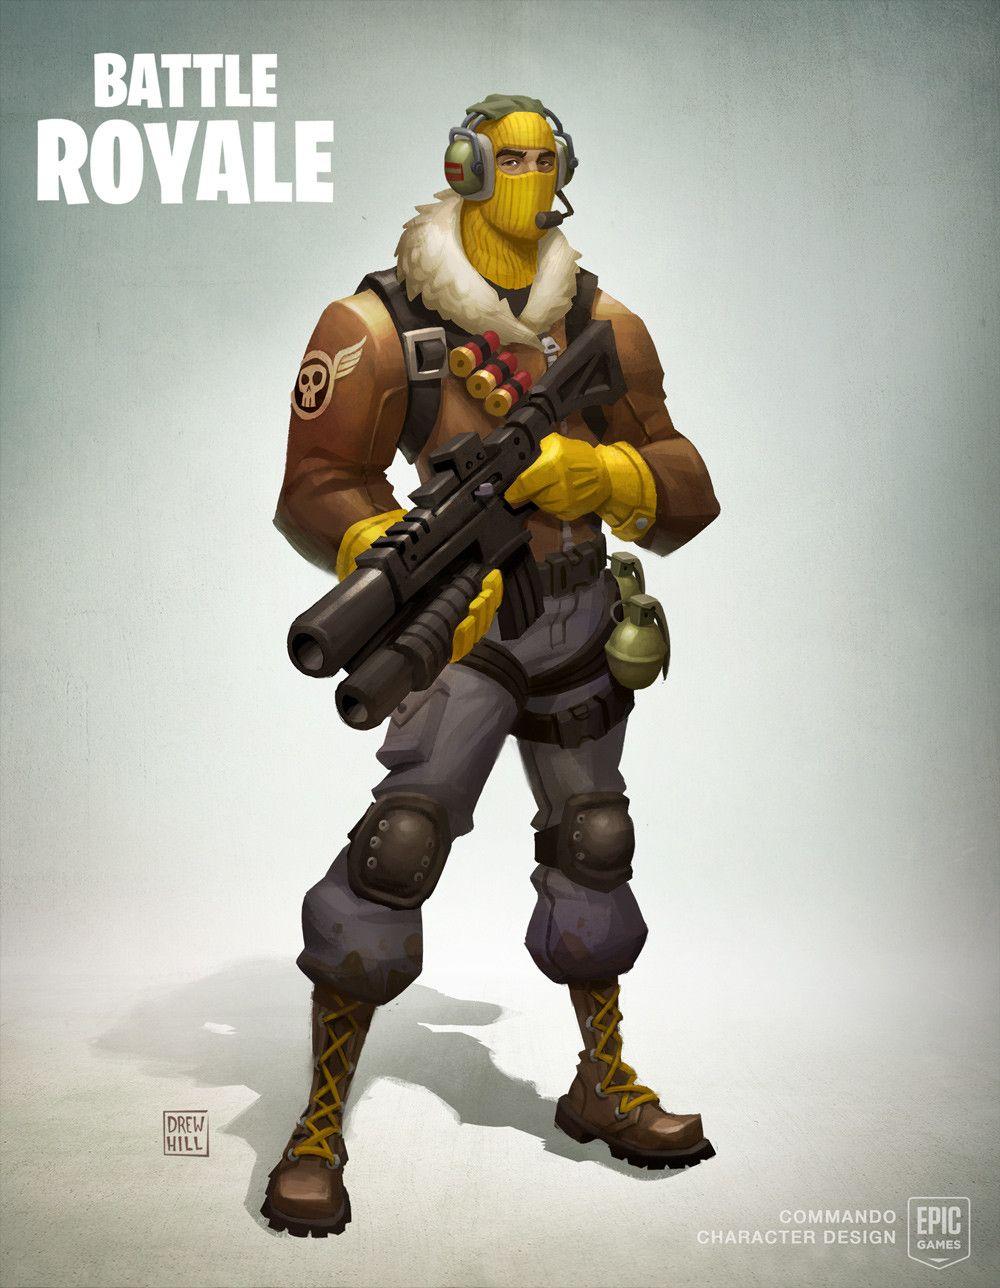 Artstation Fortnite Battle Royale Concept Art Drew Hill